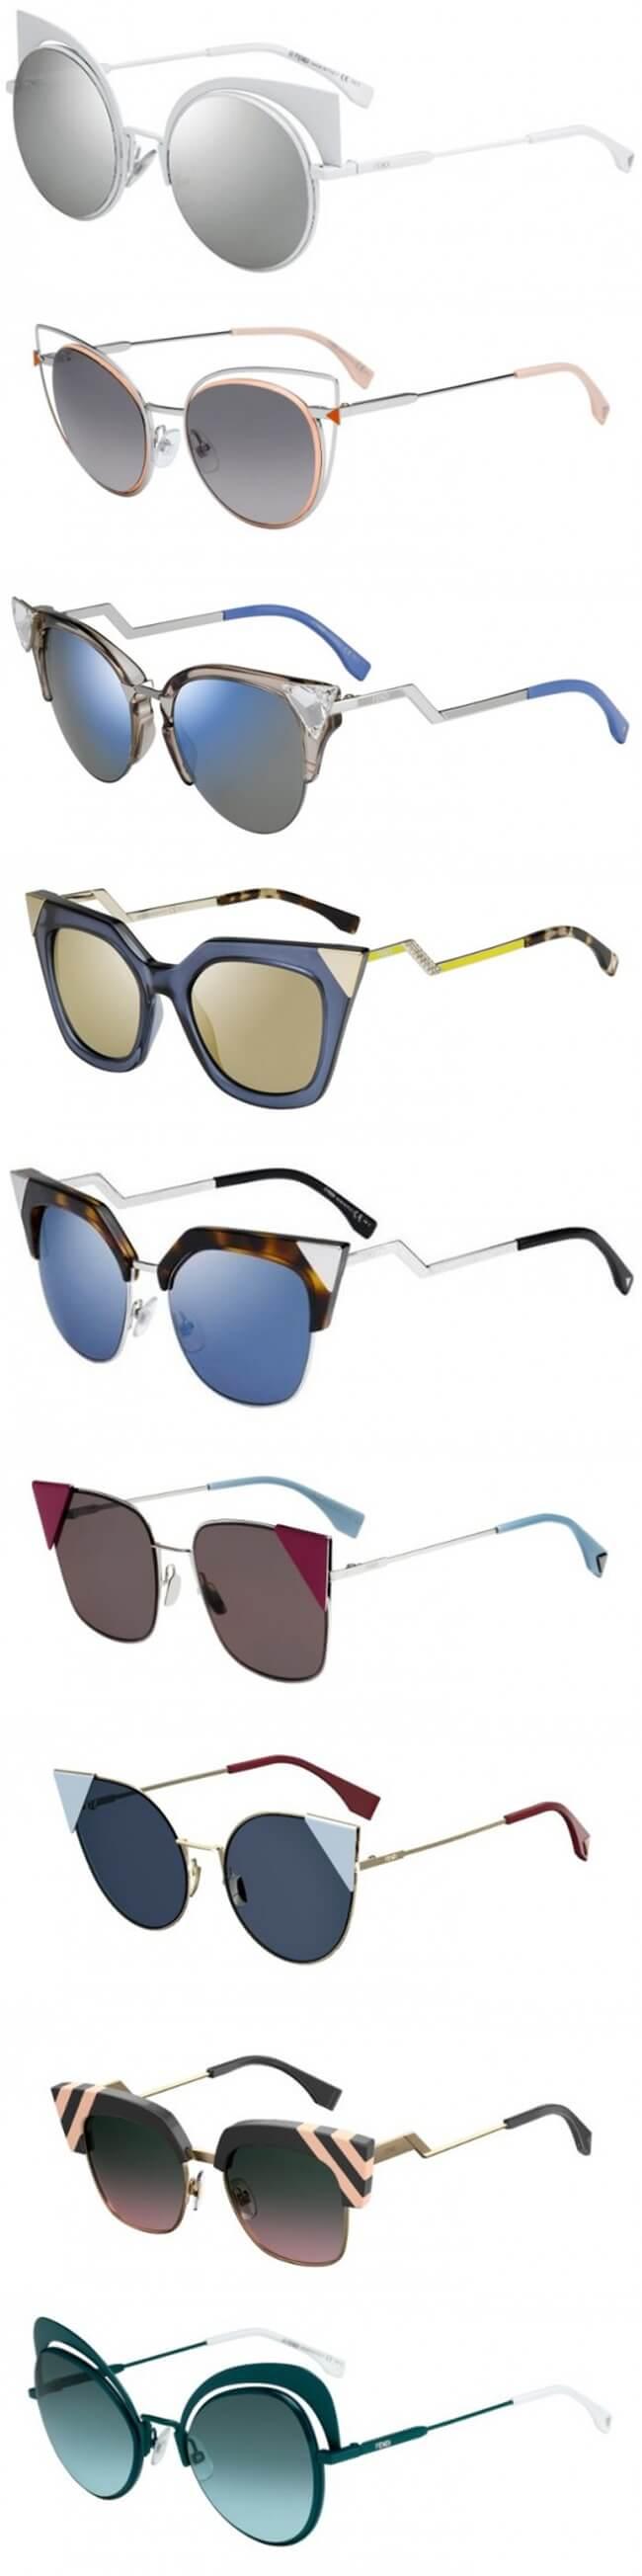 Fendi presenta su nueva colección de gafas